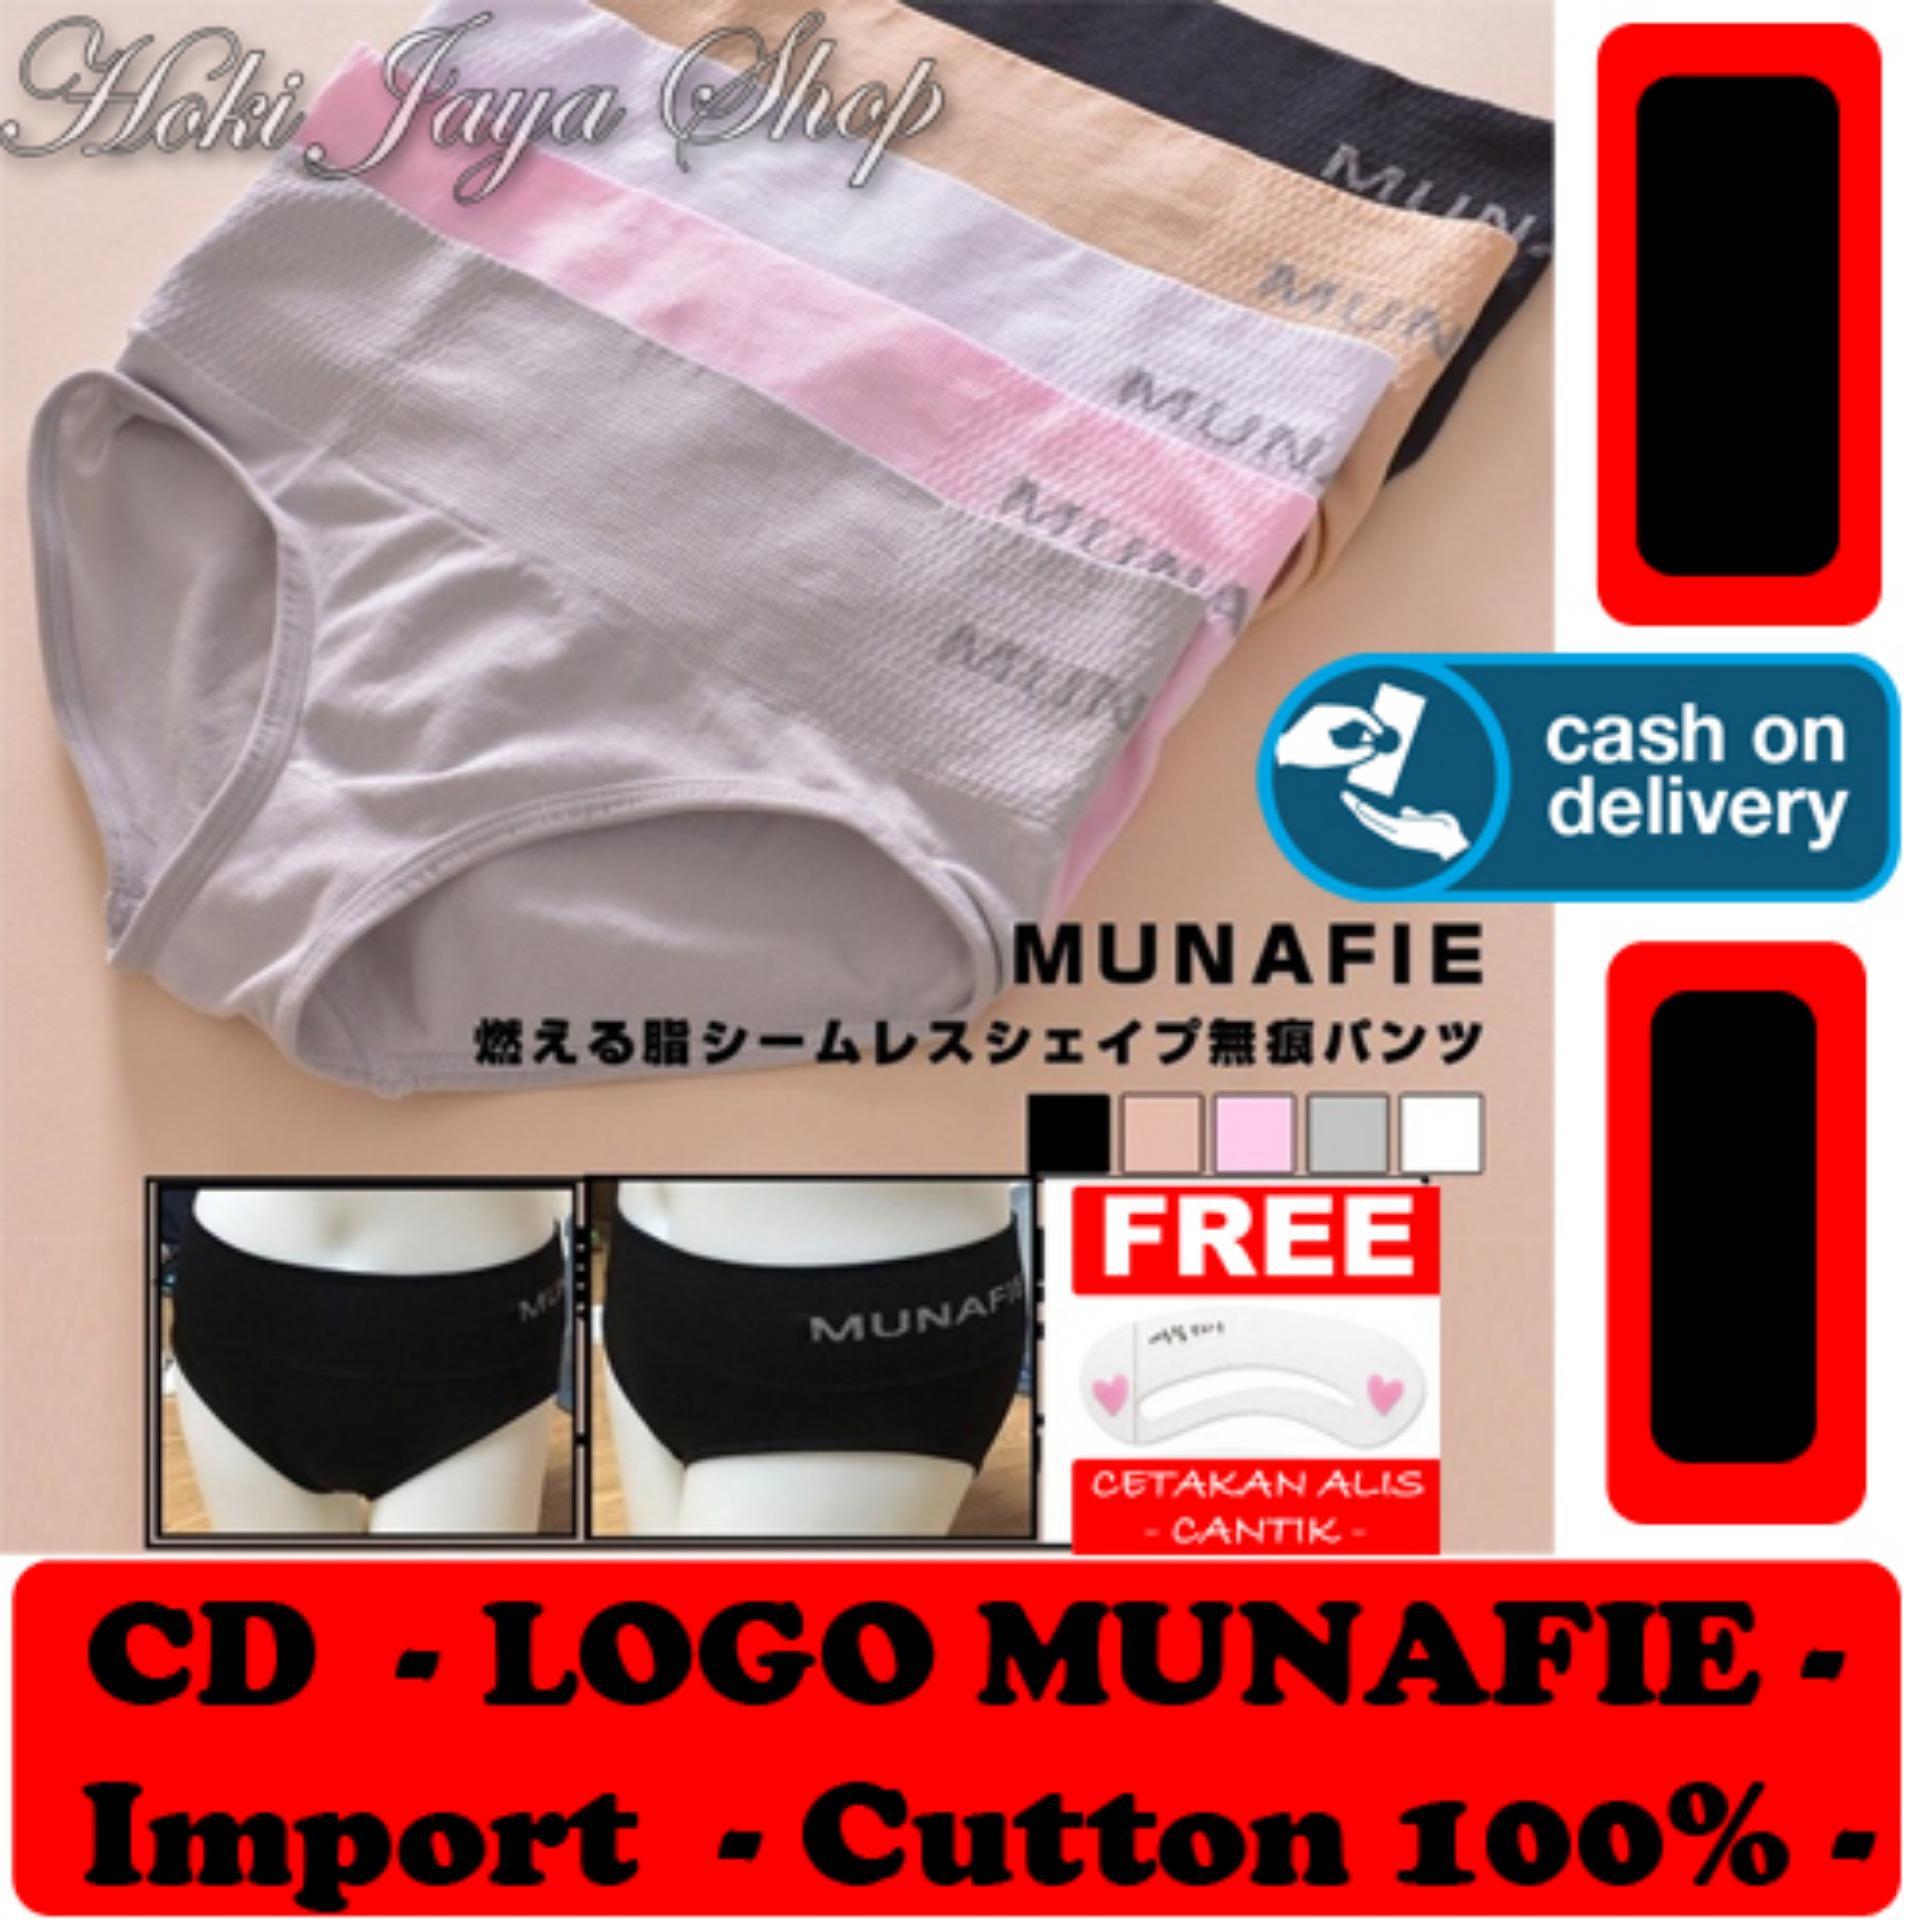 HOKI COD - CD Munafie Slim Pant Celana Dalam Korset Dengan Logo Kualitas Import Cutton 100{55e037da9a70d2f692182bf73e9ad7c46940d20c7297ef2687c837f7bdb7b002} Original - Multi Colour + Gratis Cetak Alis Cantik Premium